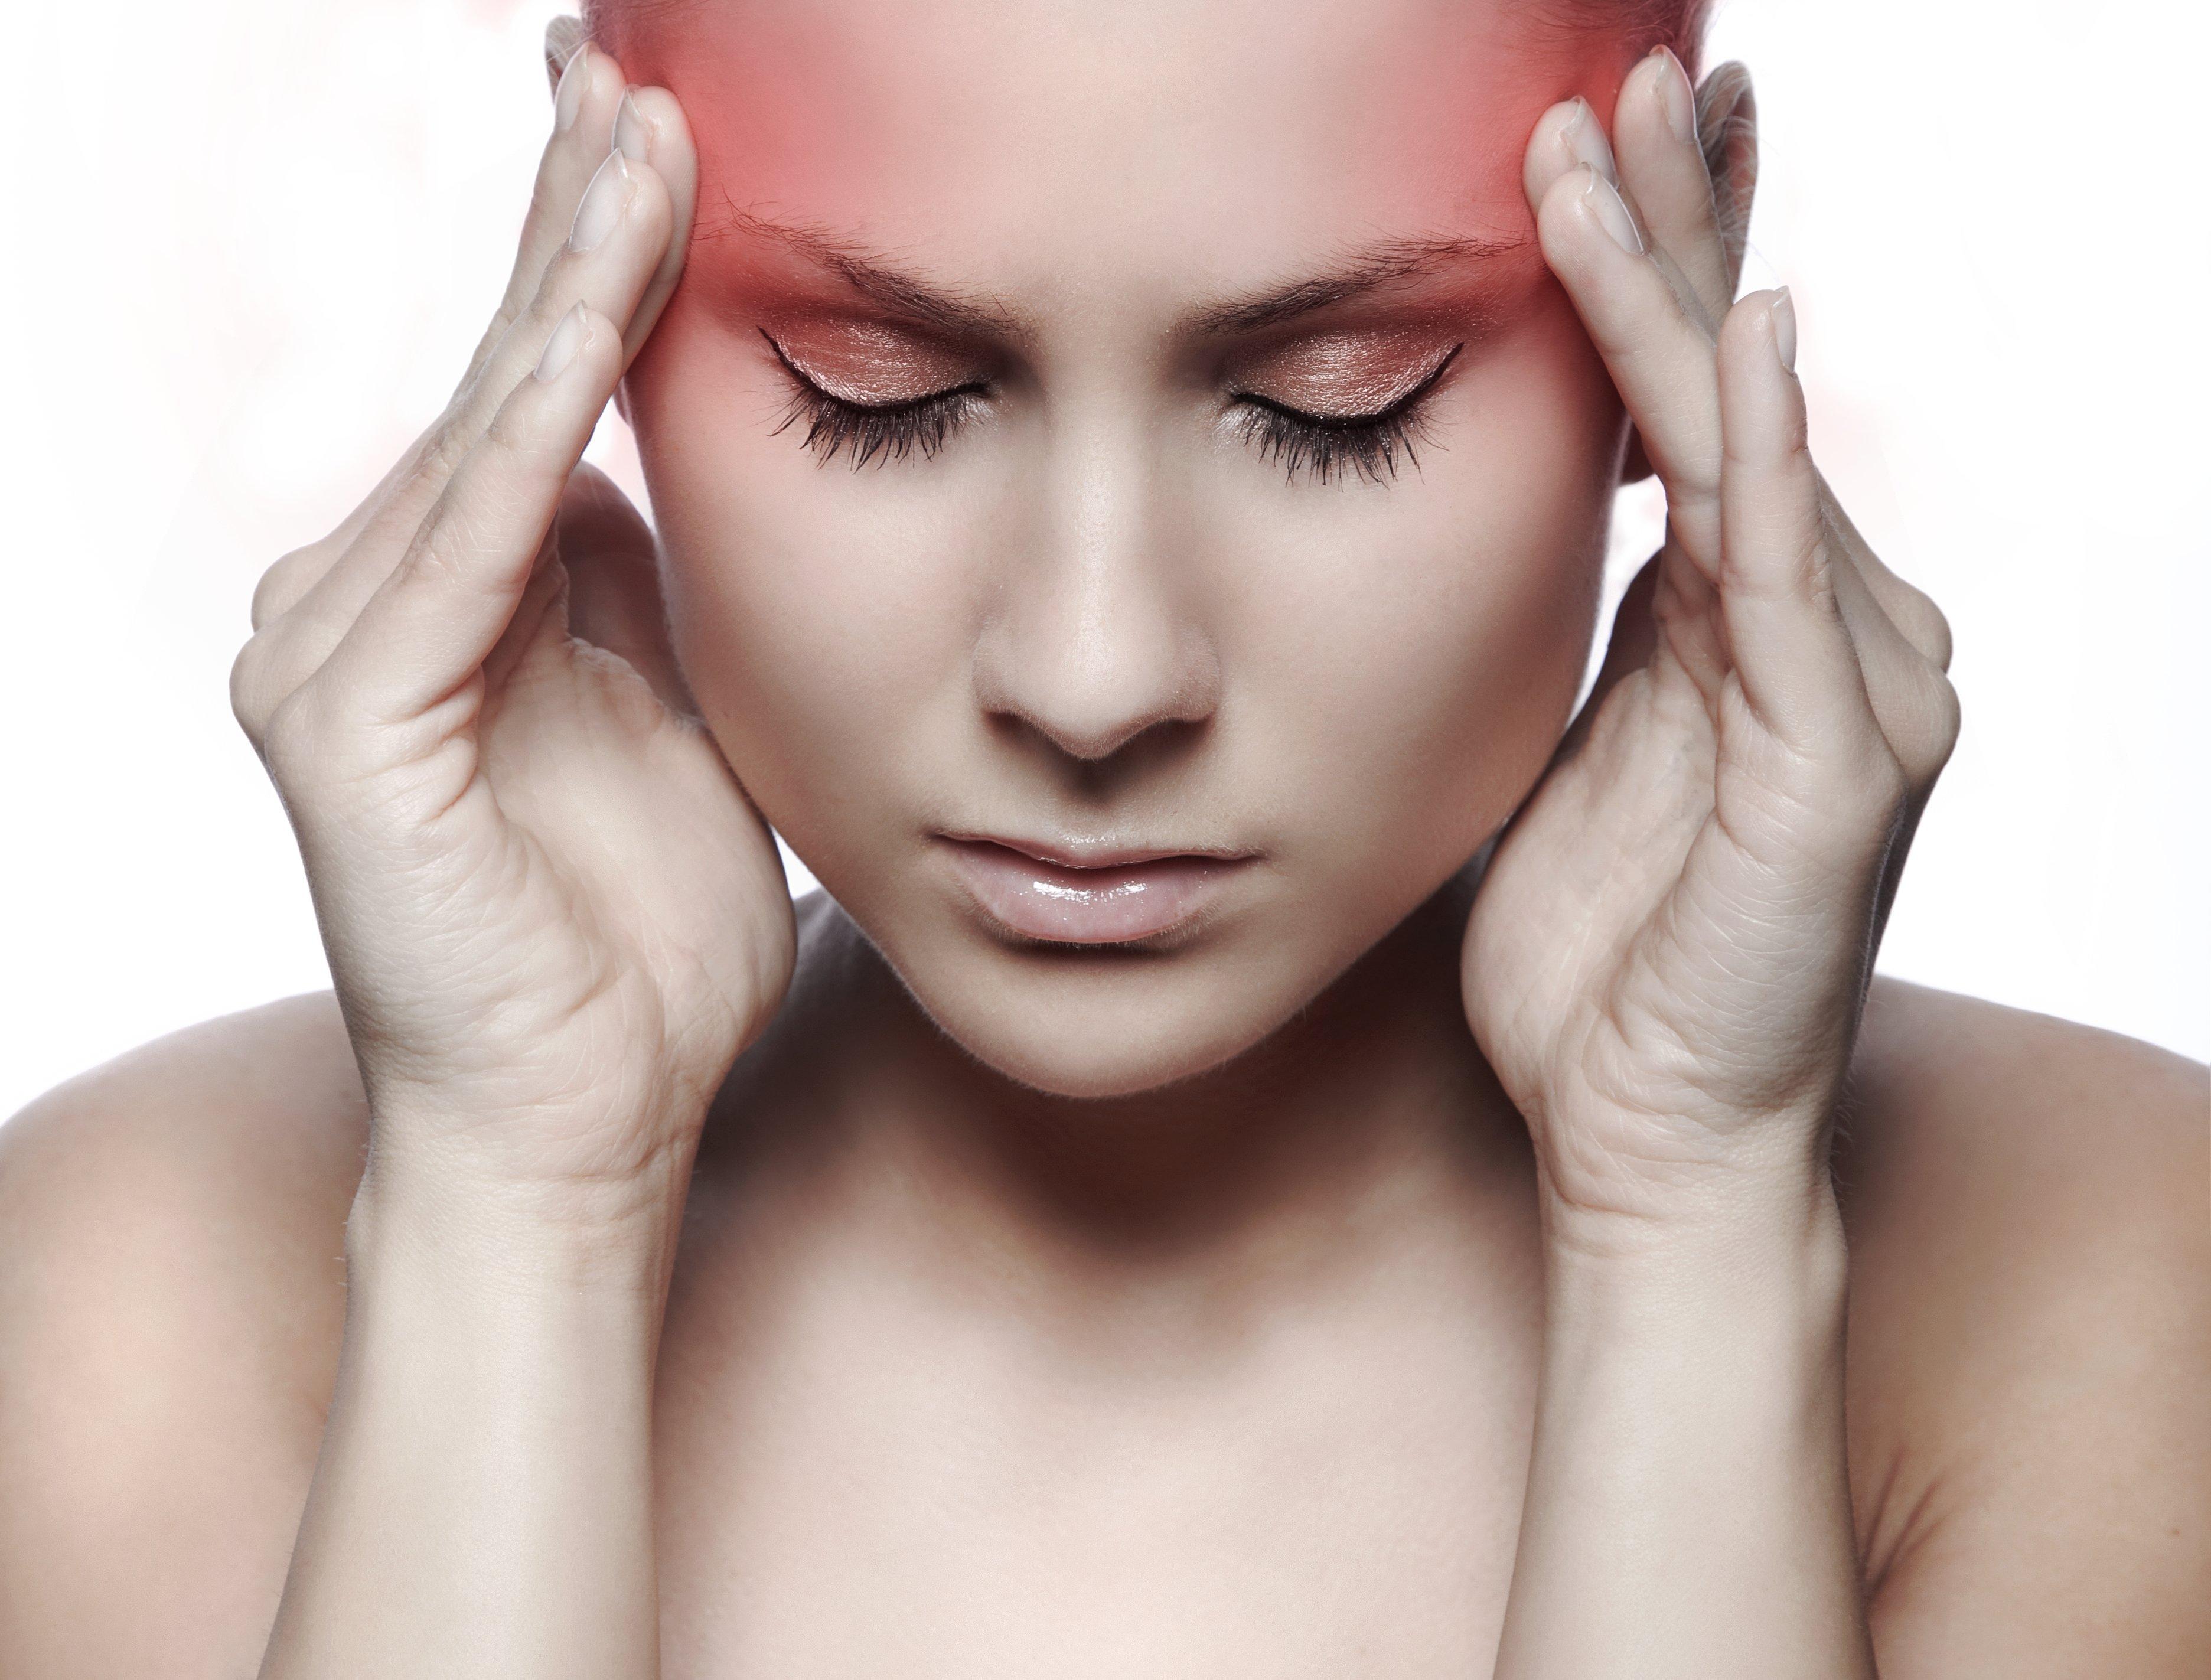 Headache Headaches Like Pins And Needles